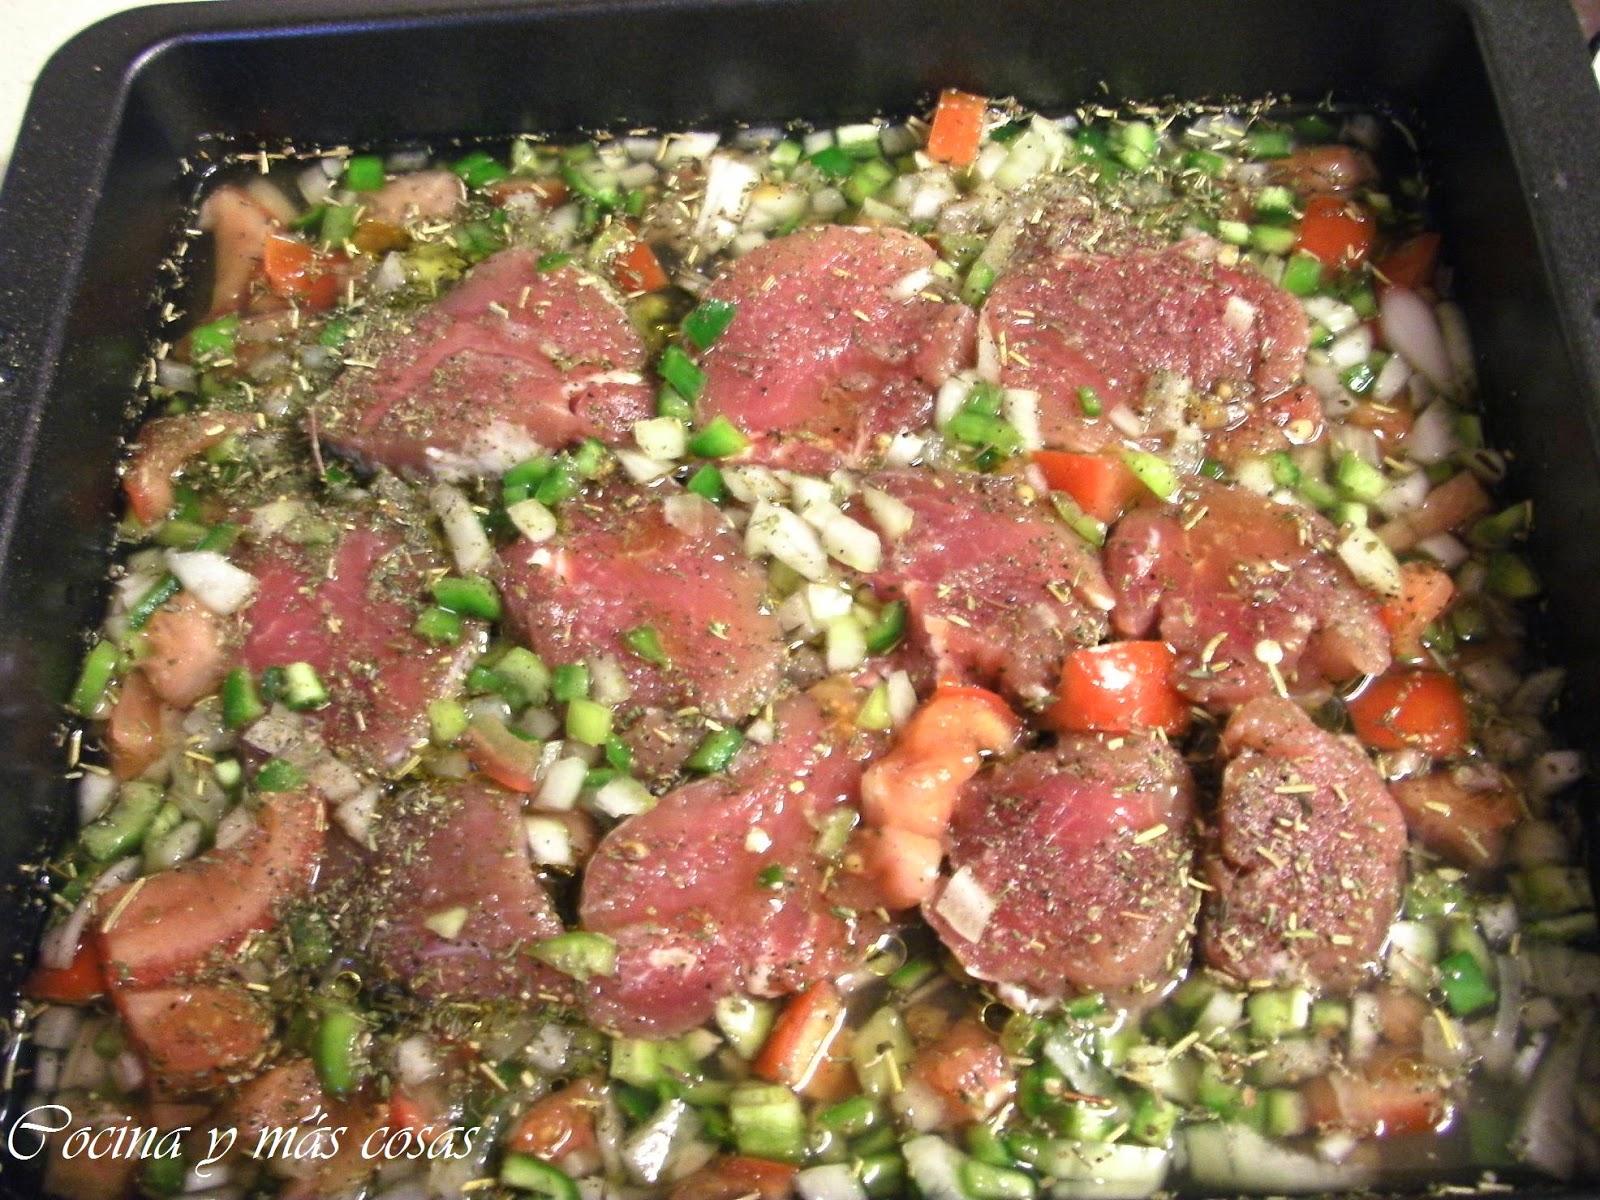 Cocina y m s cosas solomillo de cerdo al horno con verduras - Solomillo de ternera al horno con mostaza ...